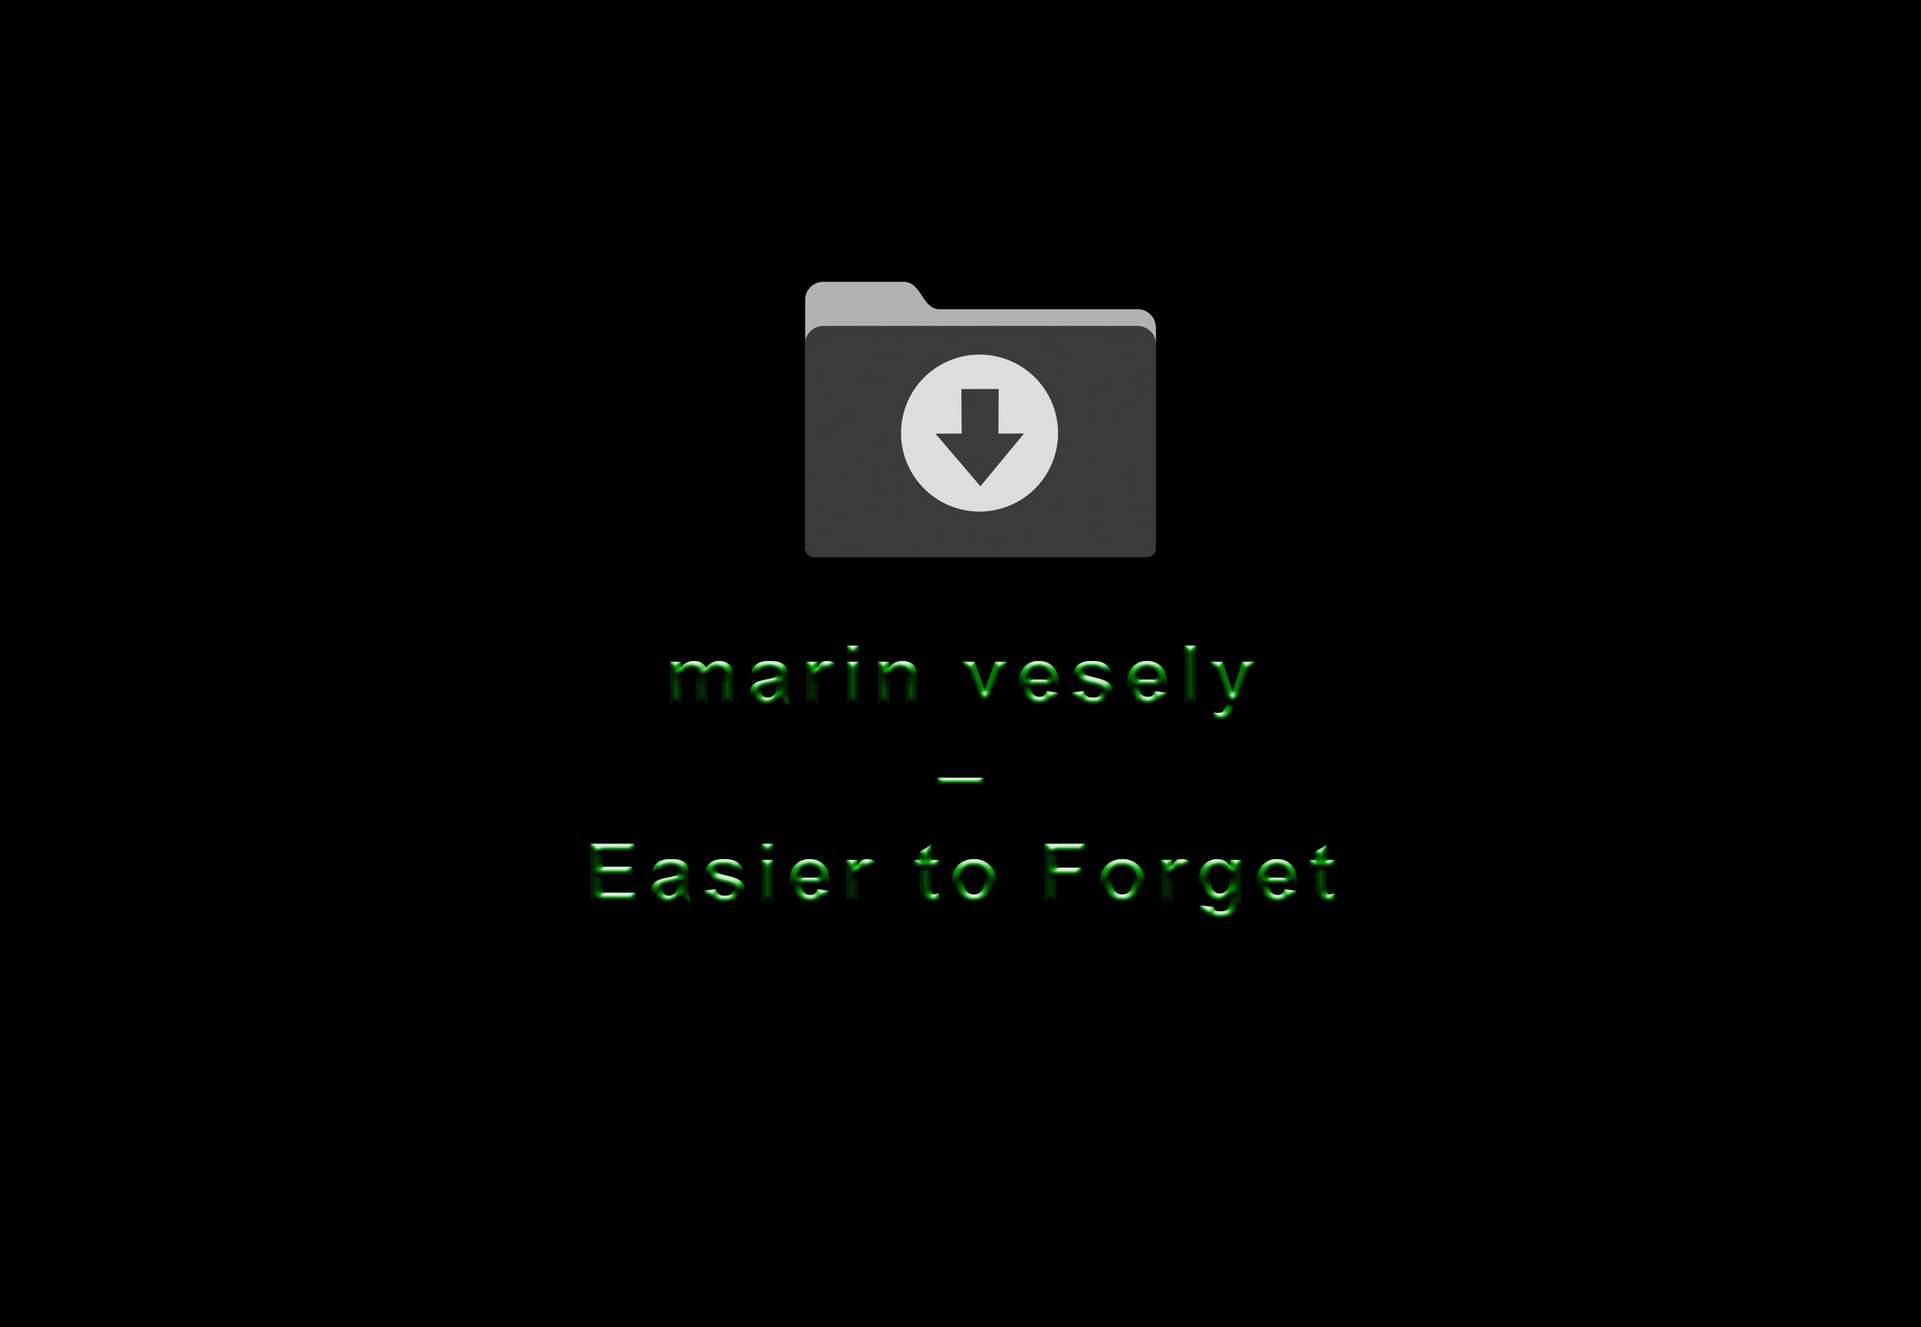 Mais Fácil de Esquecer (Easier to Forget)